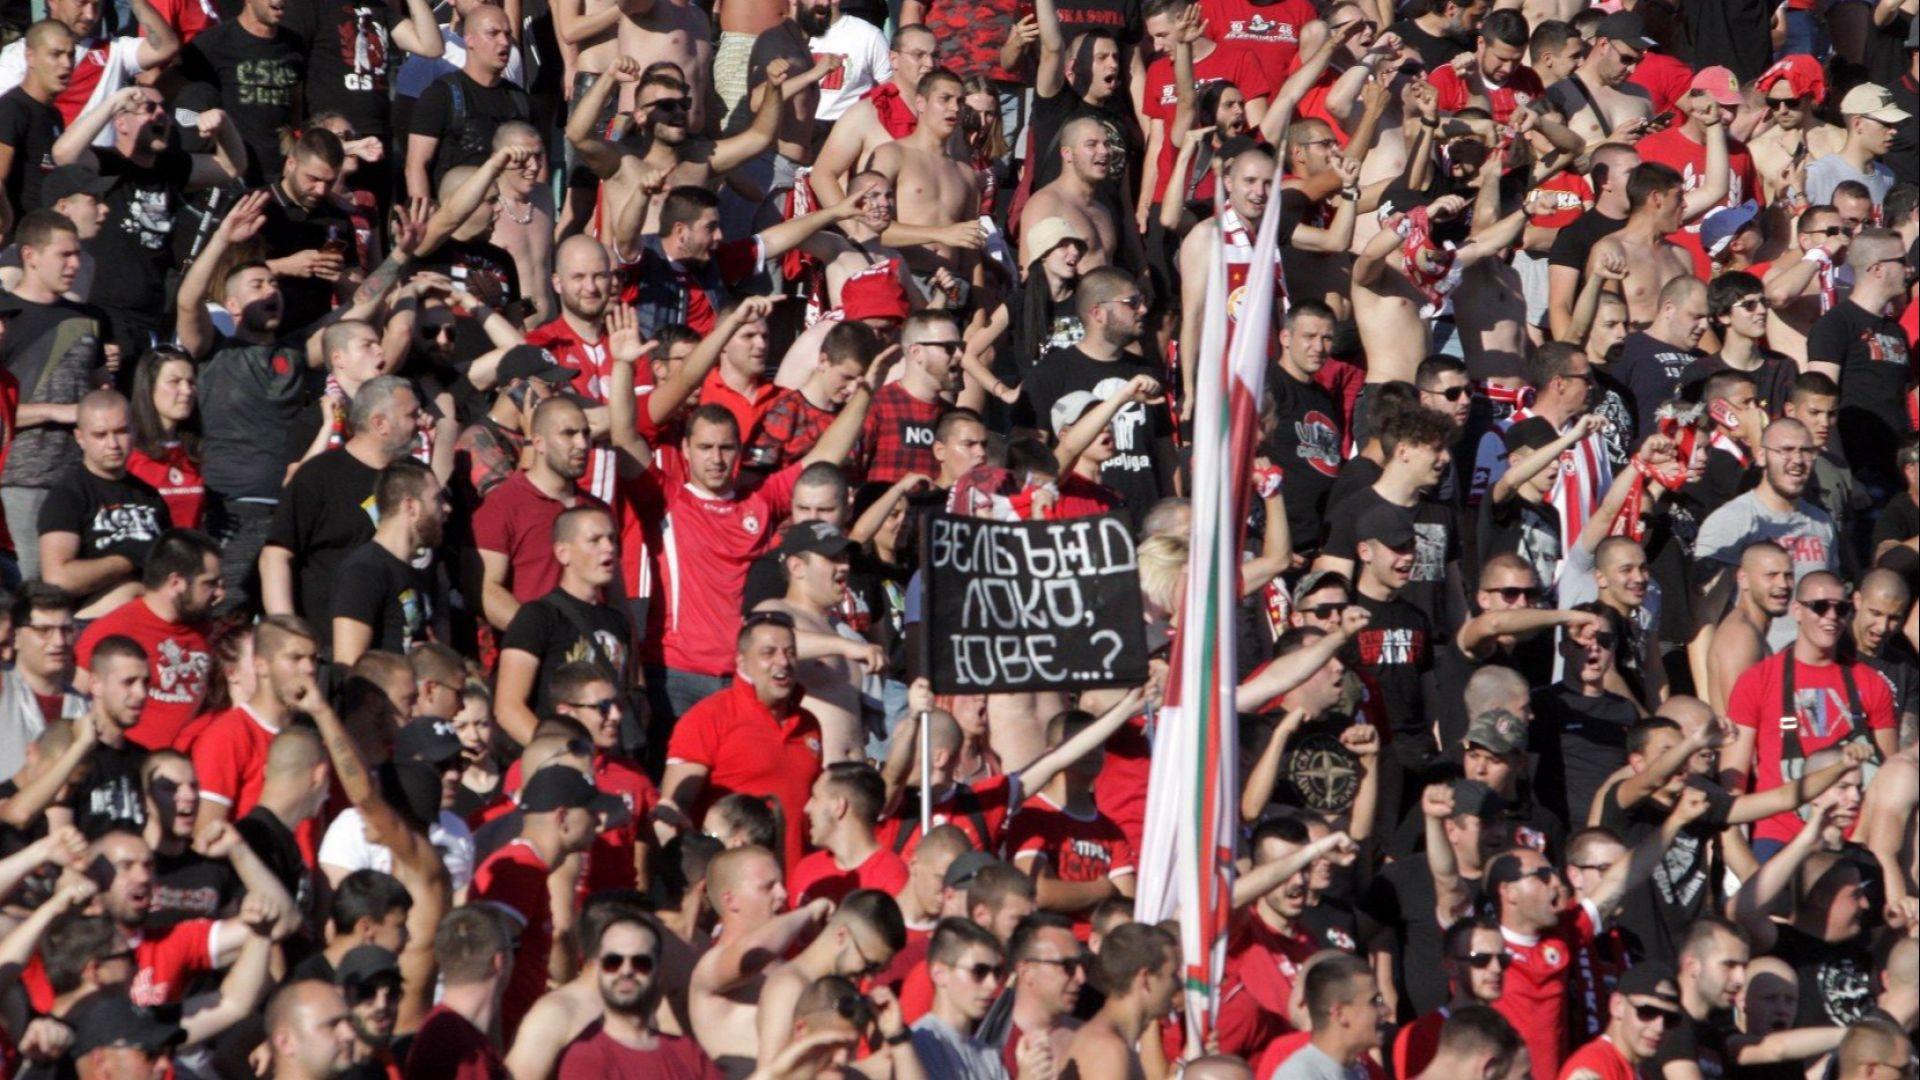 Фен фракцията, която разрази бурята в ЦСКА, прекратява дейността си